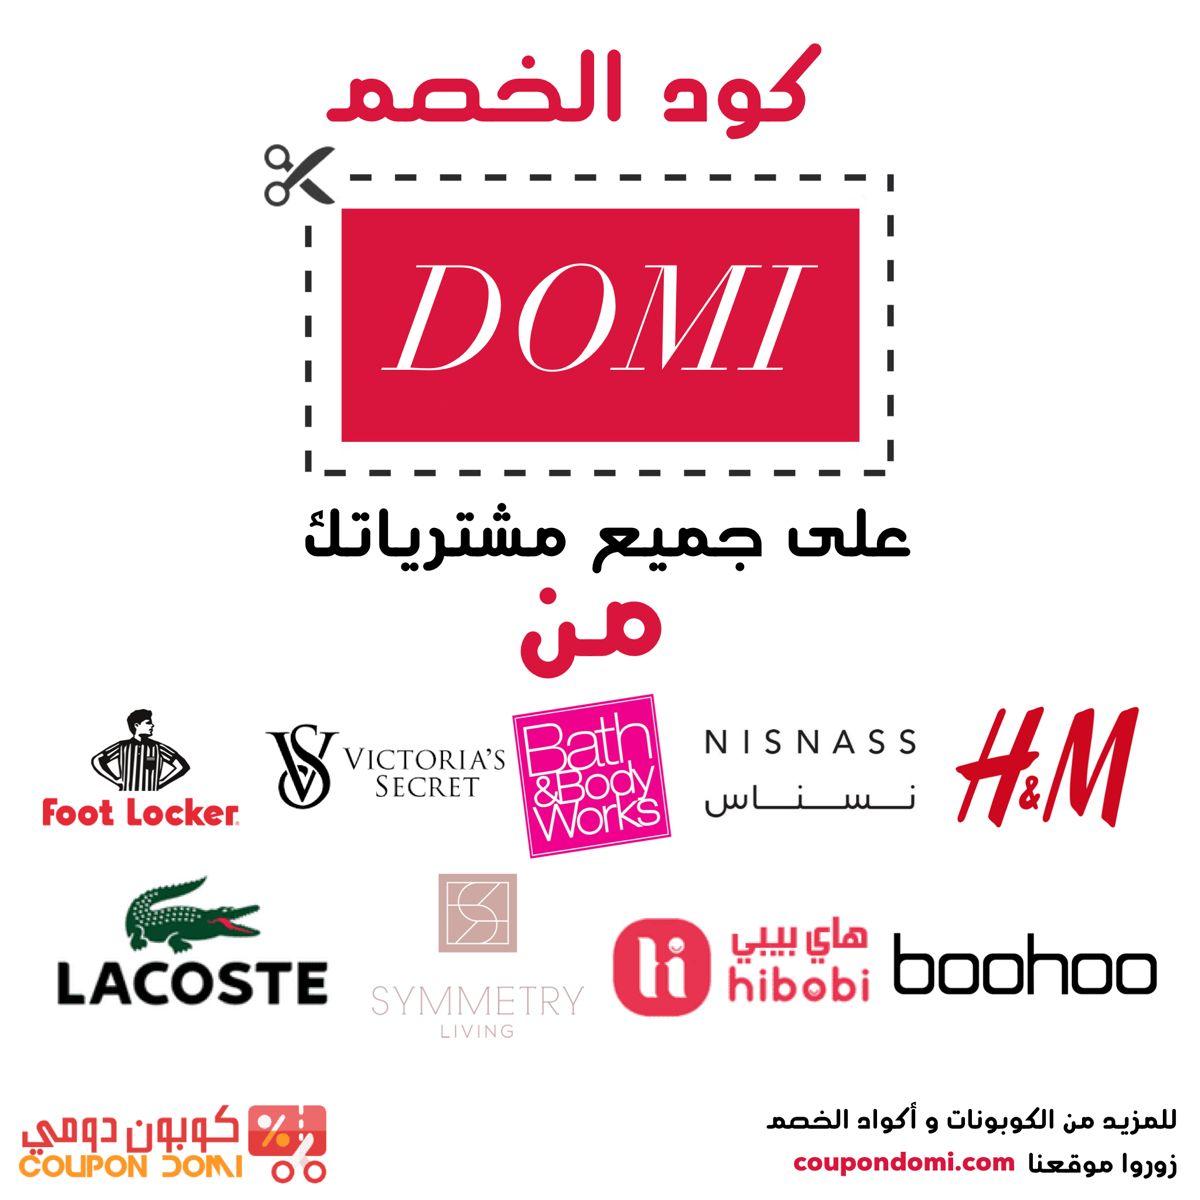 كوبون خصم حصري Domi يوفر لك تخفيض إضافي على ماركات شهيرة Victoria Secret Body Victoria Secret Secret